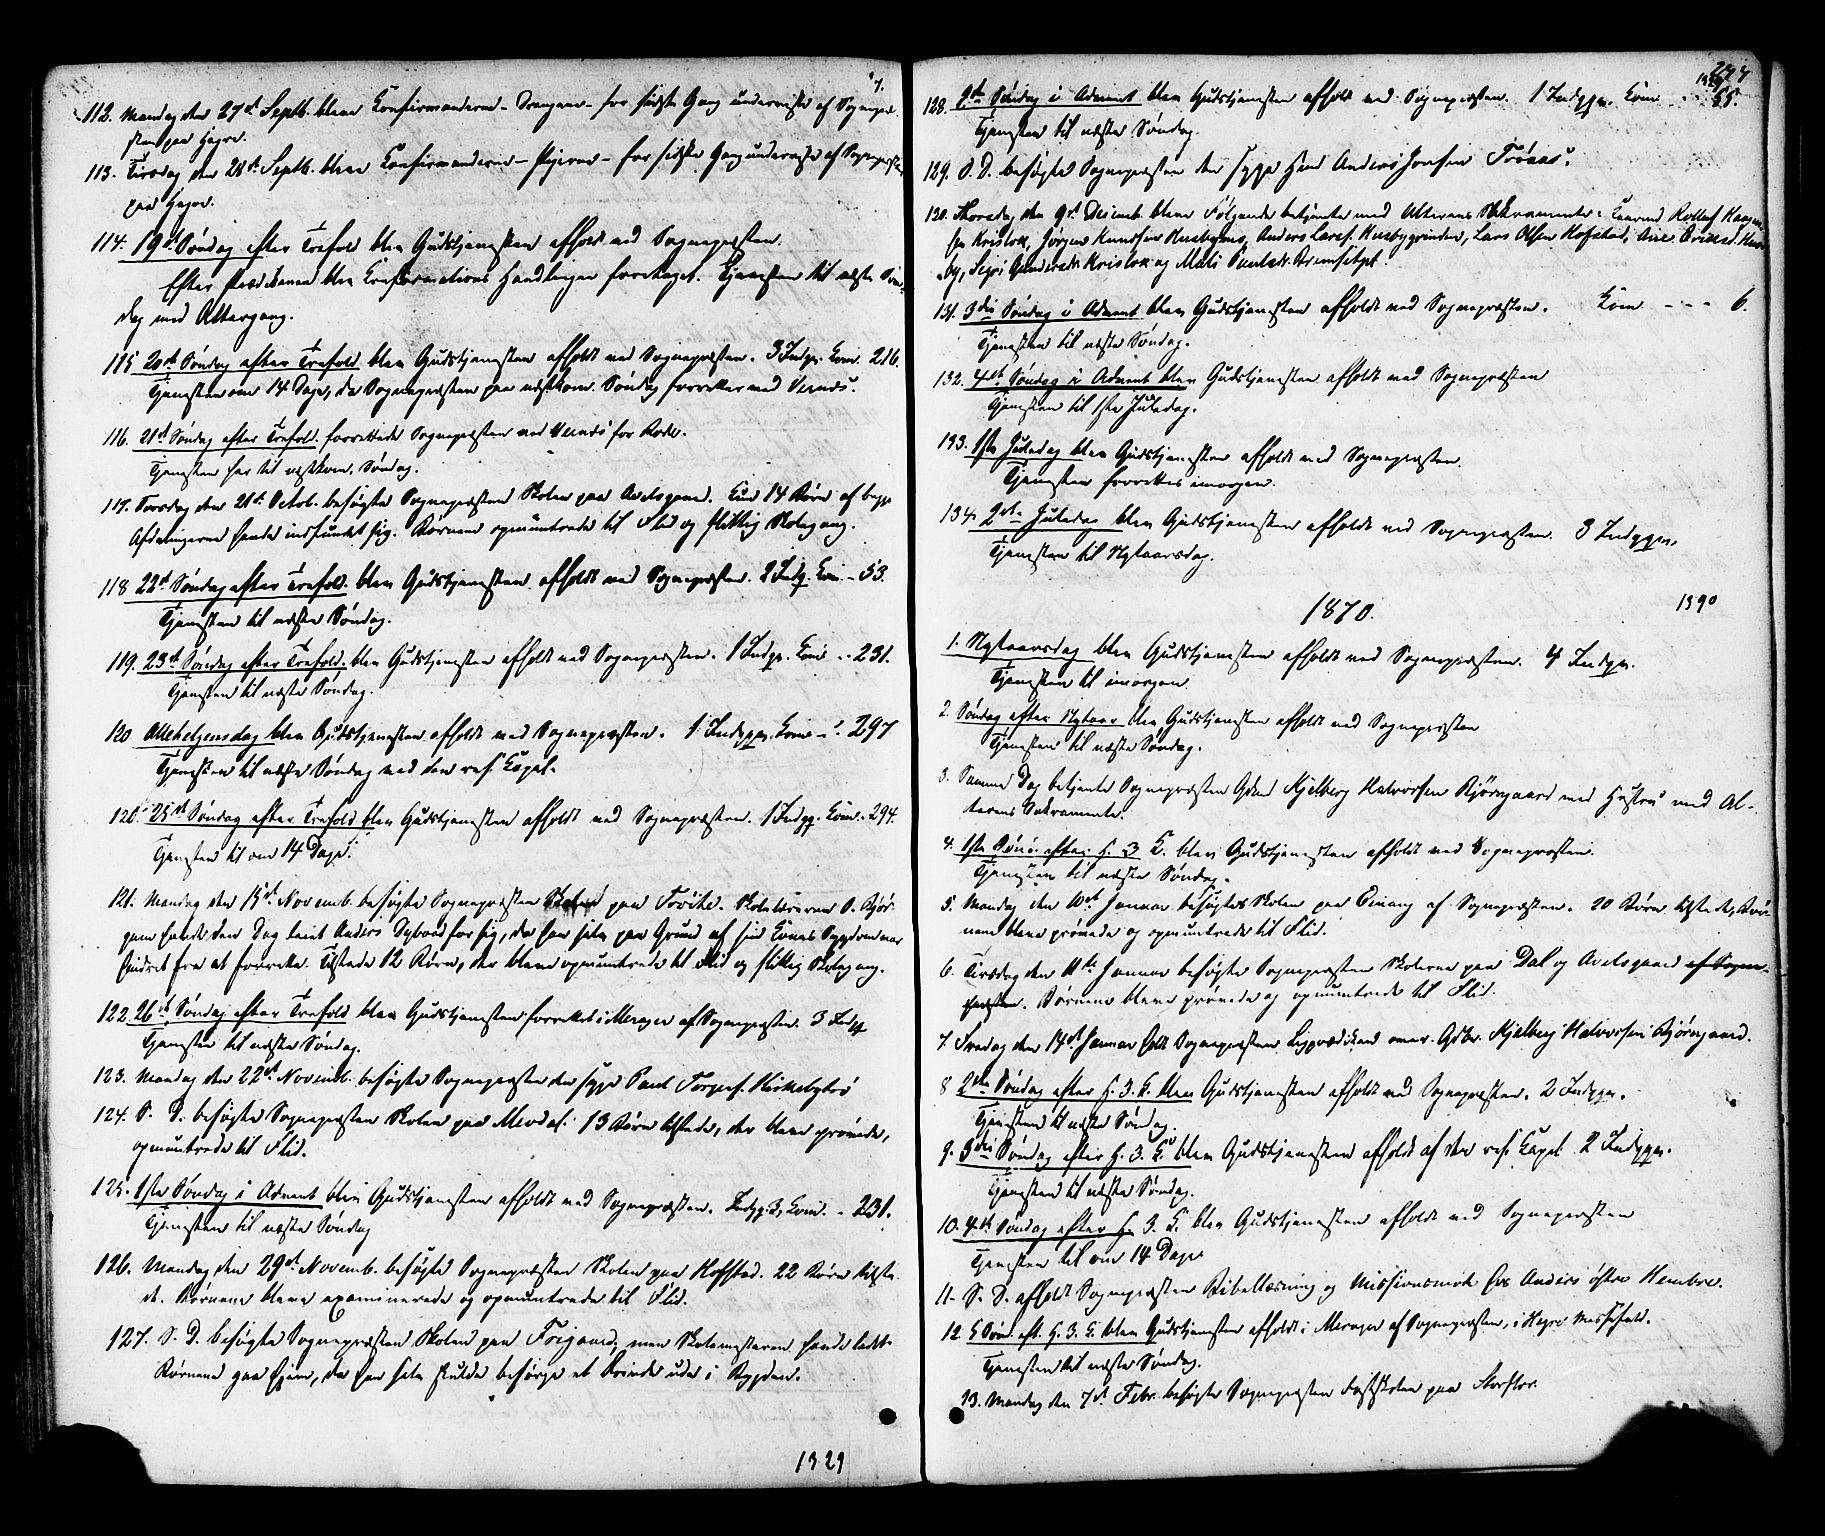 SAT, Ministerialprotokoller, klokkerbøker og fødselsregistre - Nord-Trøndelag, 703/L0029: Ministerialbok nr. 703A02, 1863-1879, s. 244